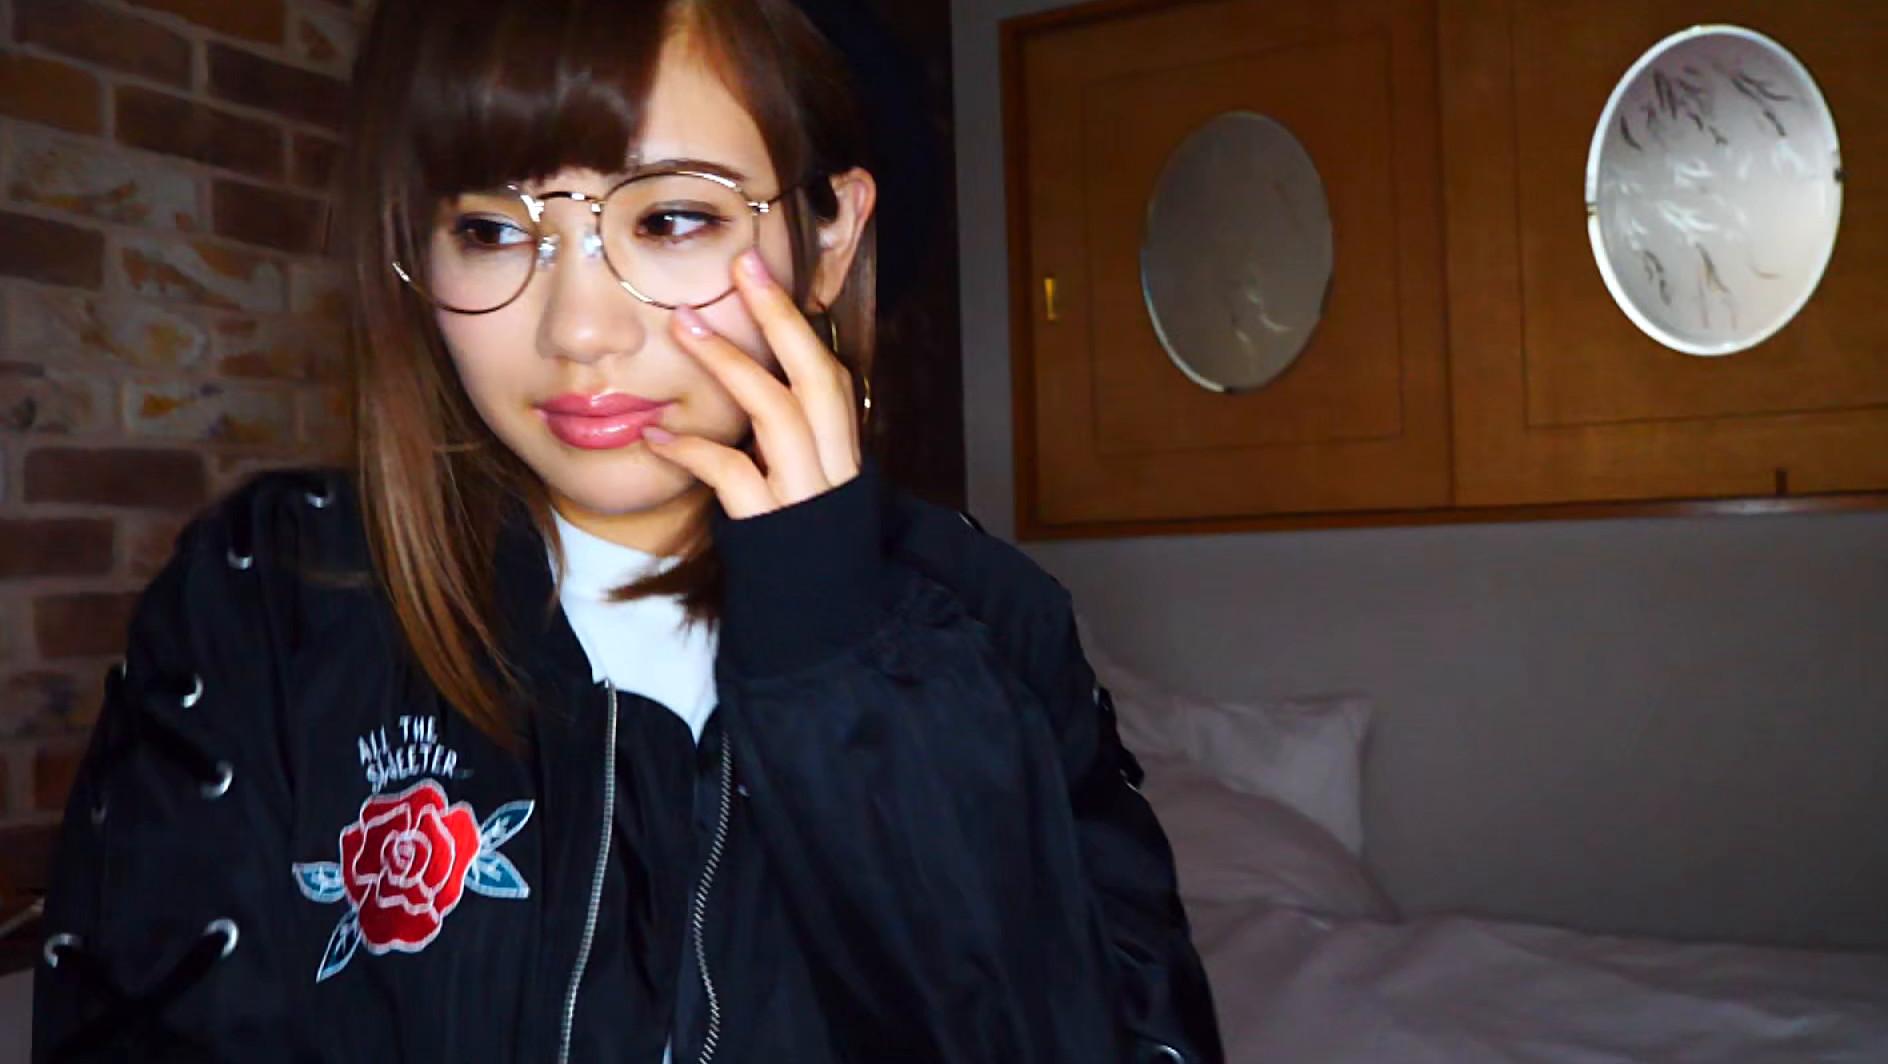 【流出】ハーフ美女のプライベート3P動画